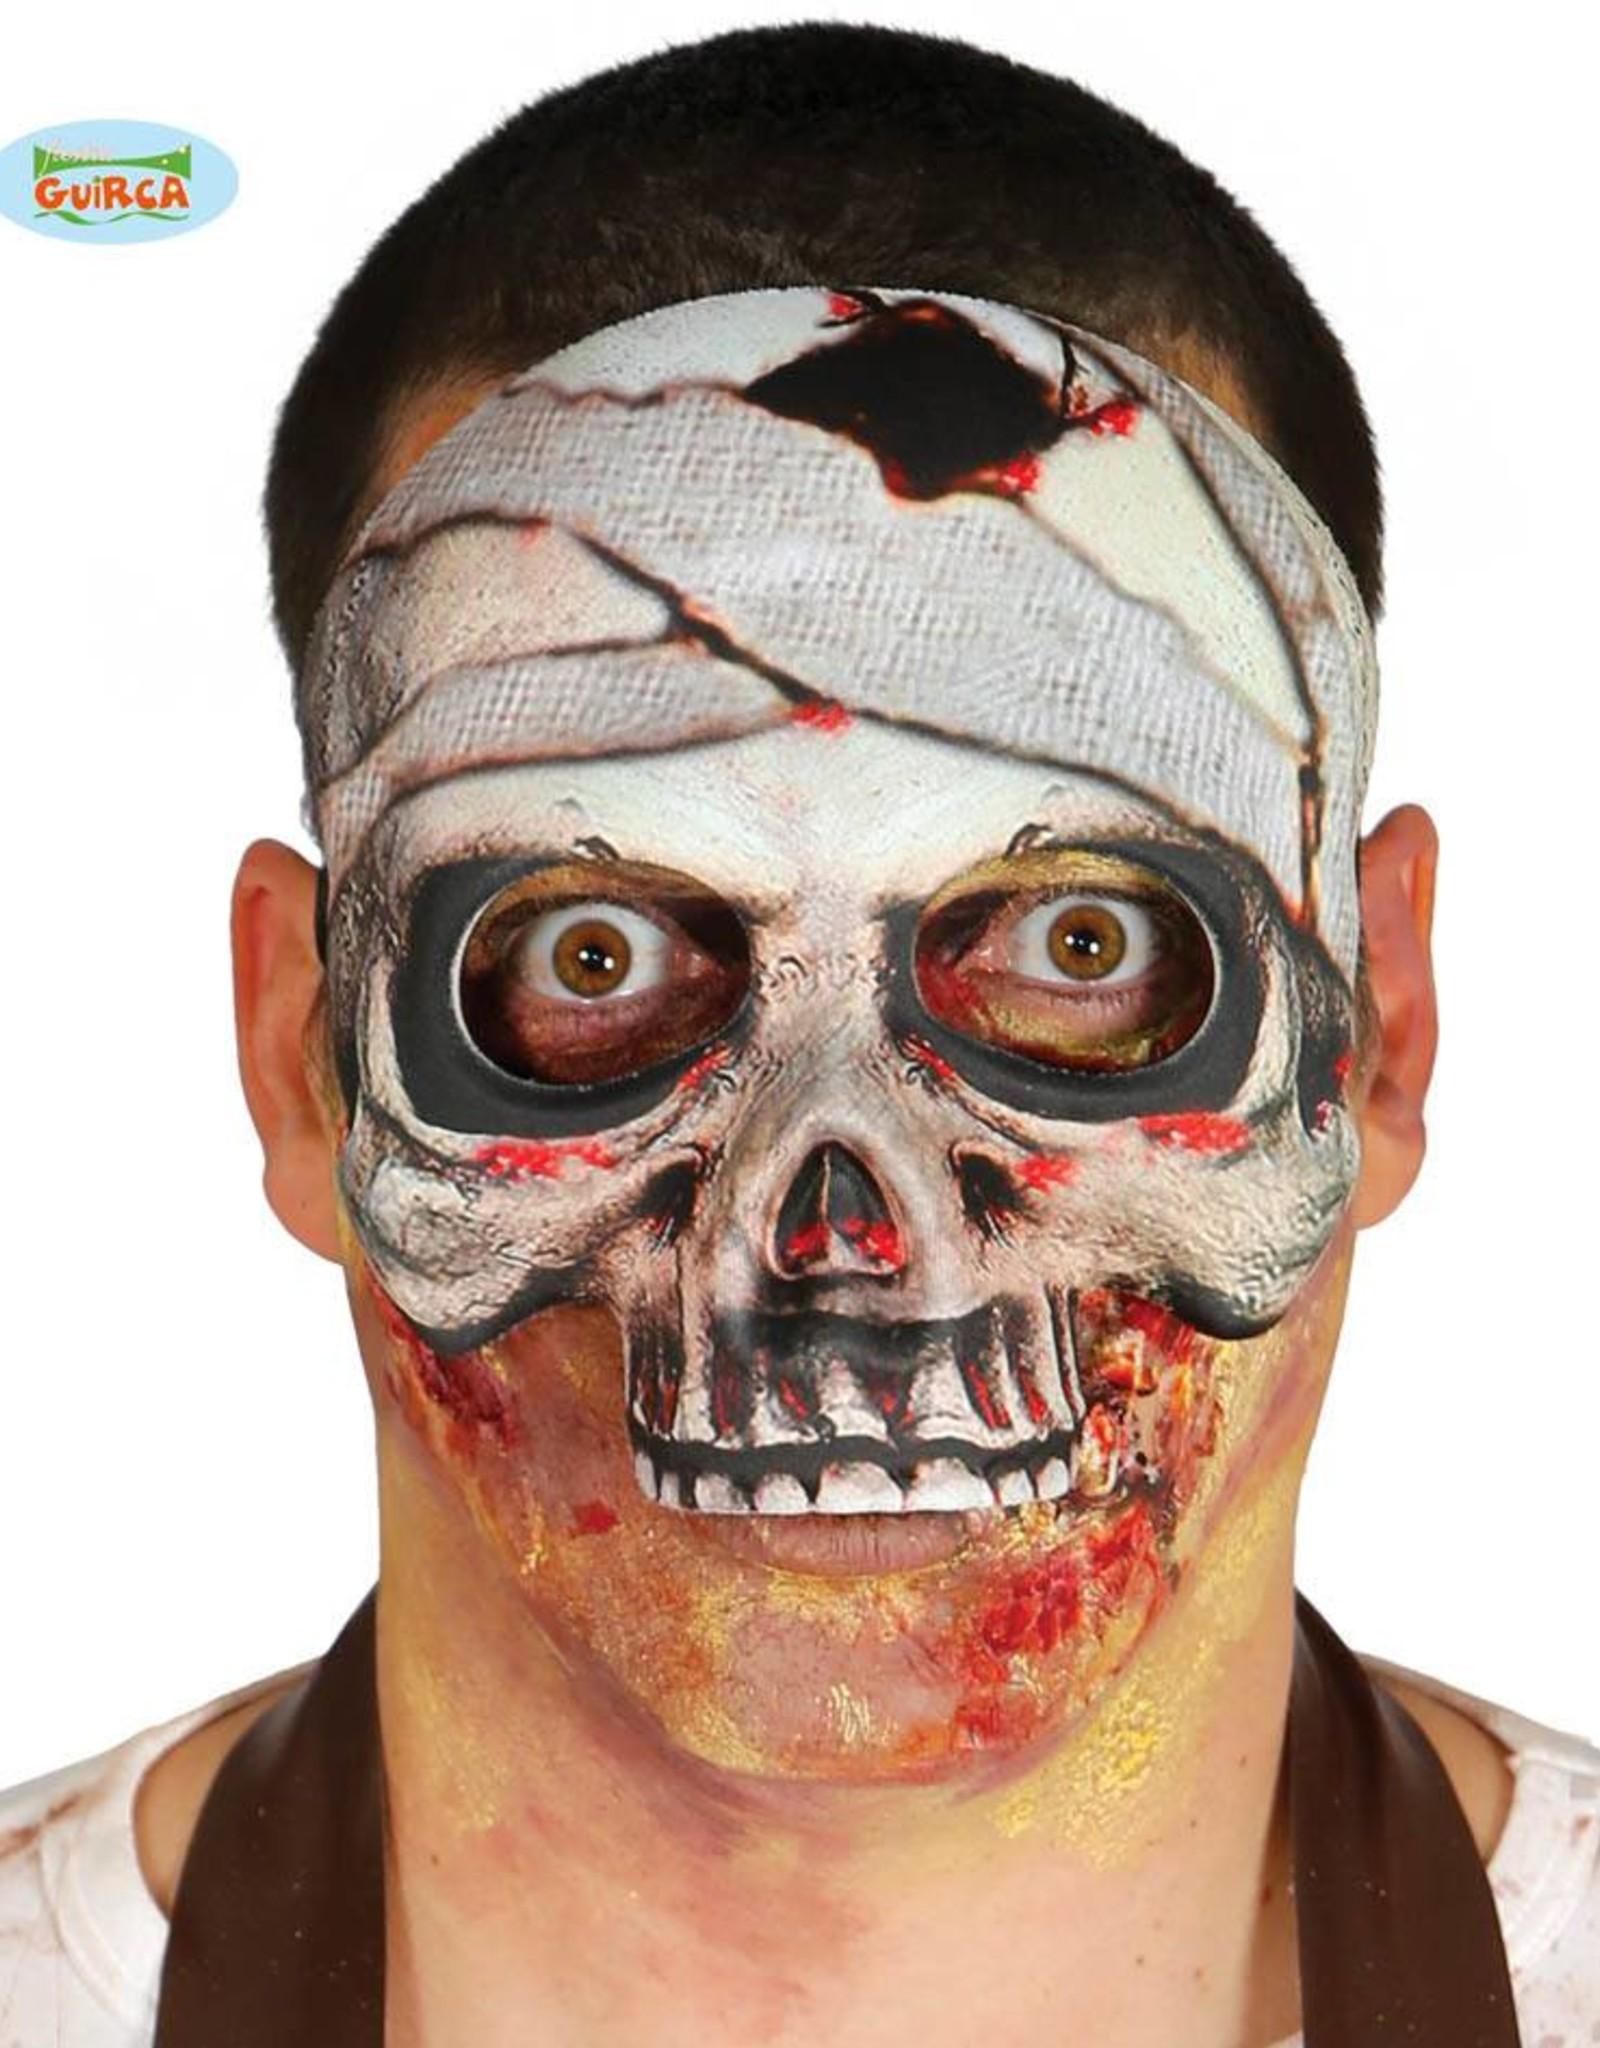 FIESTAS GUIRCA half masker skelet